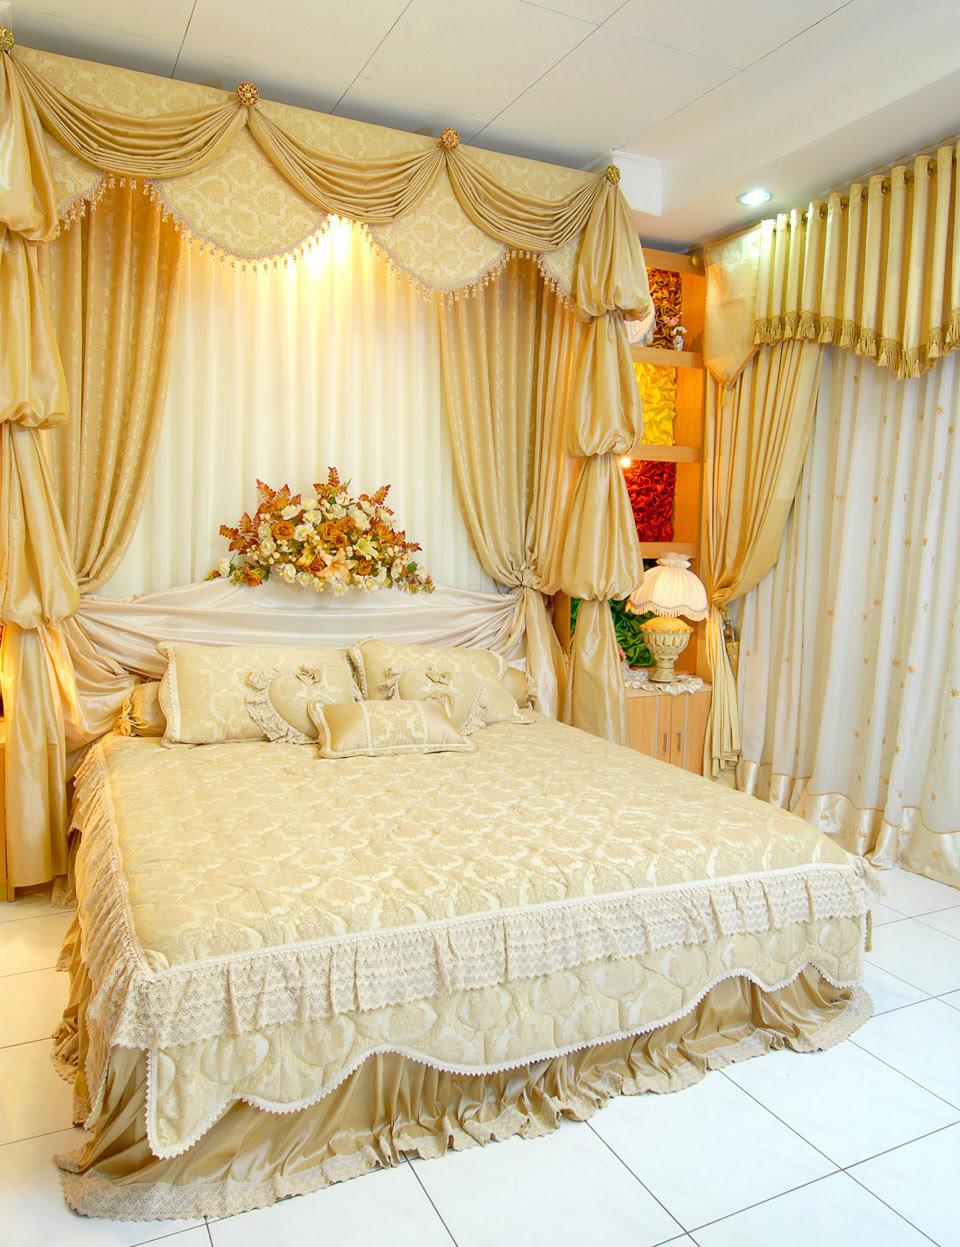 koleksi gambar desain kamar tidur pengantin | arsihome